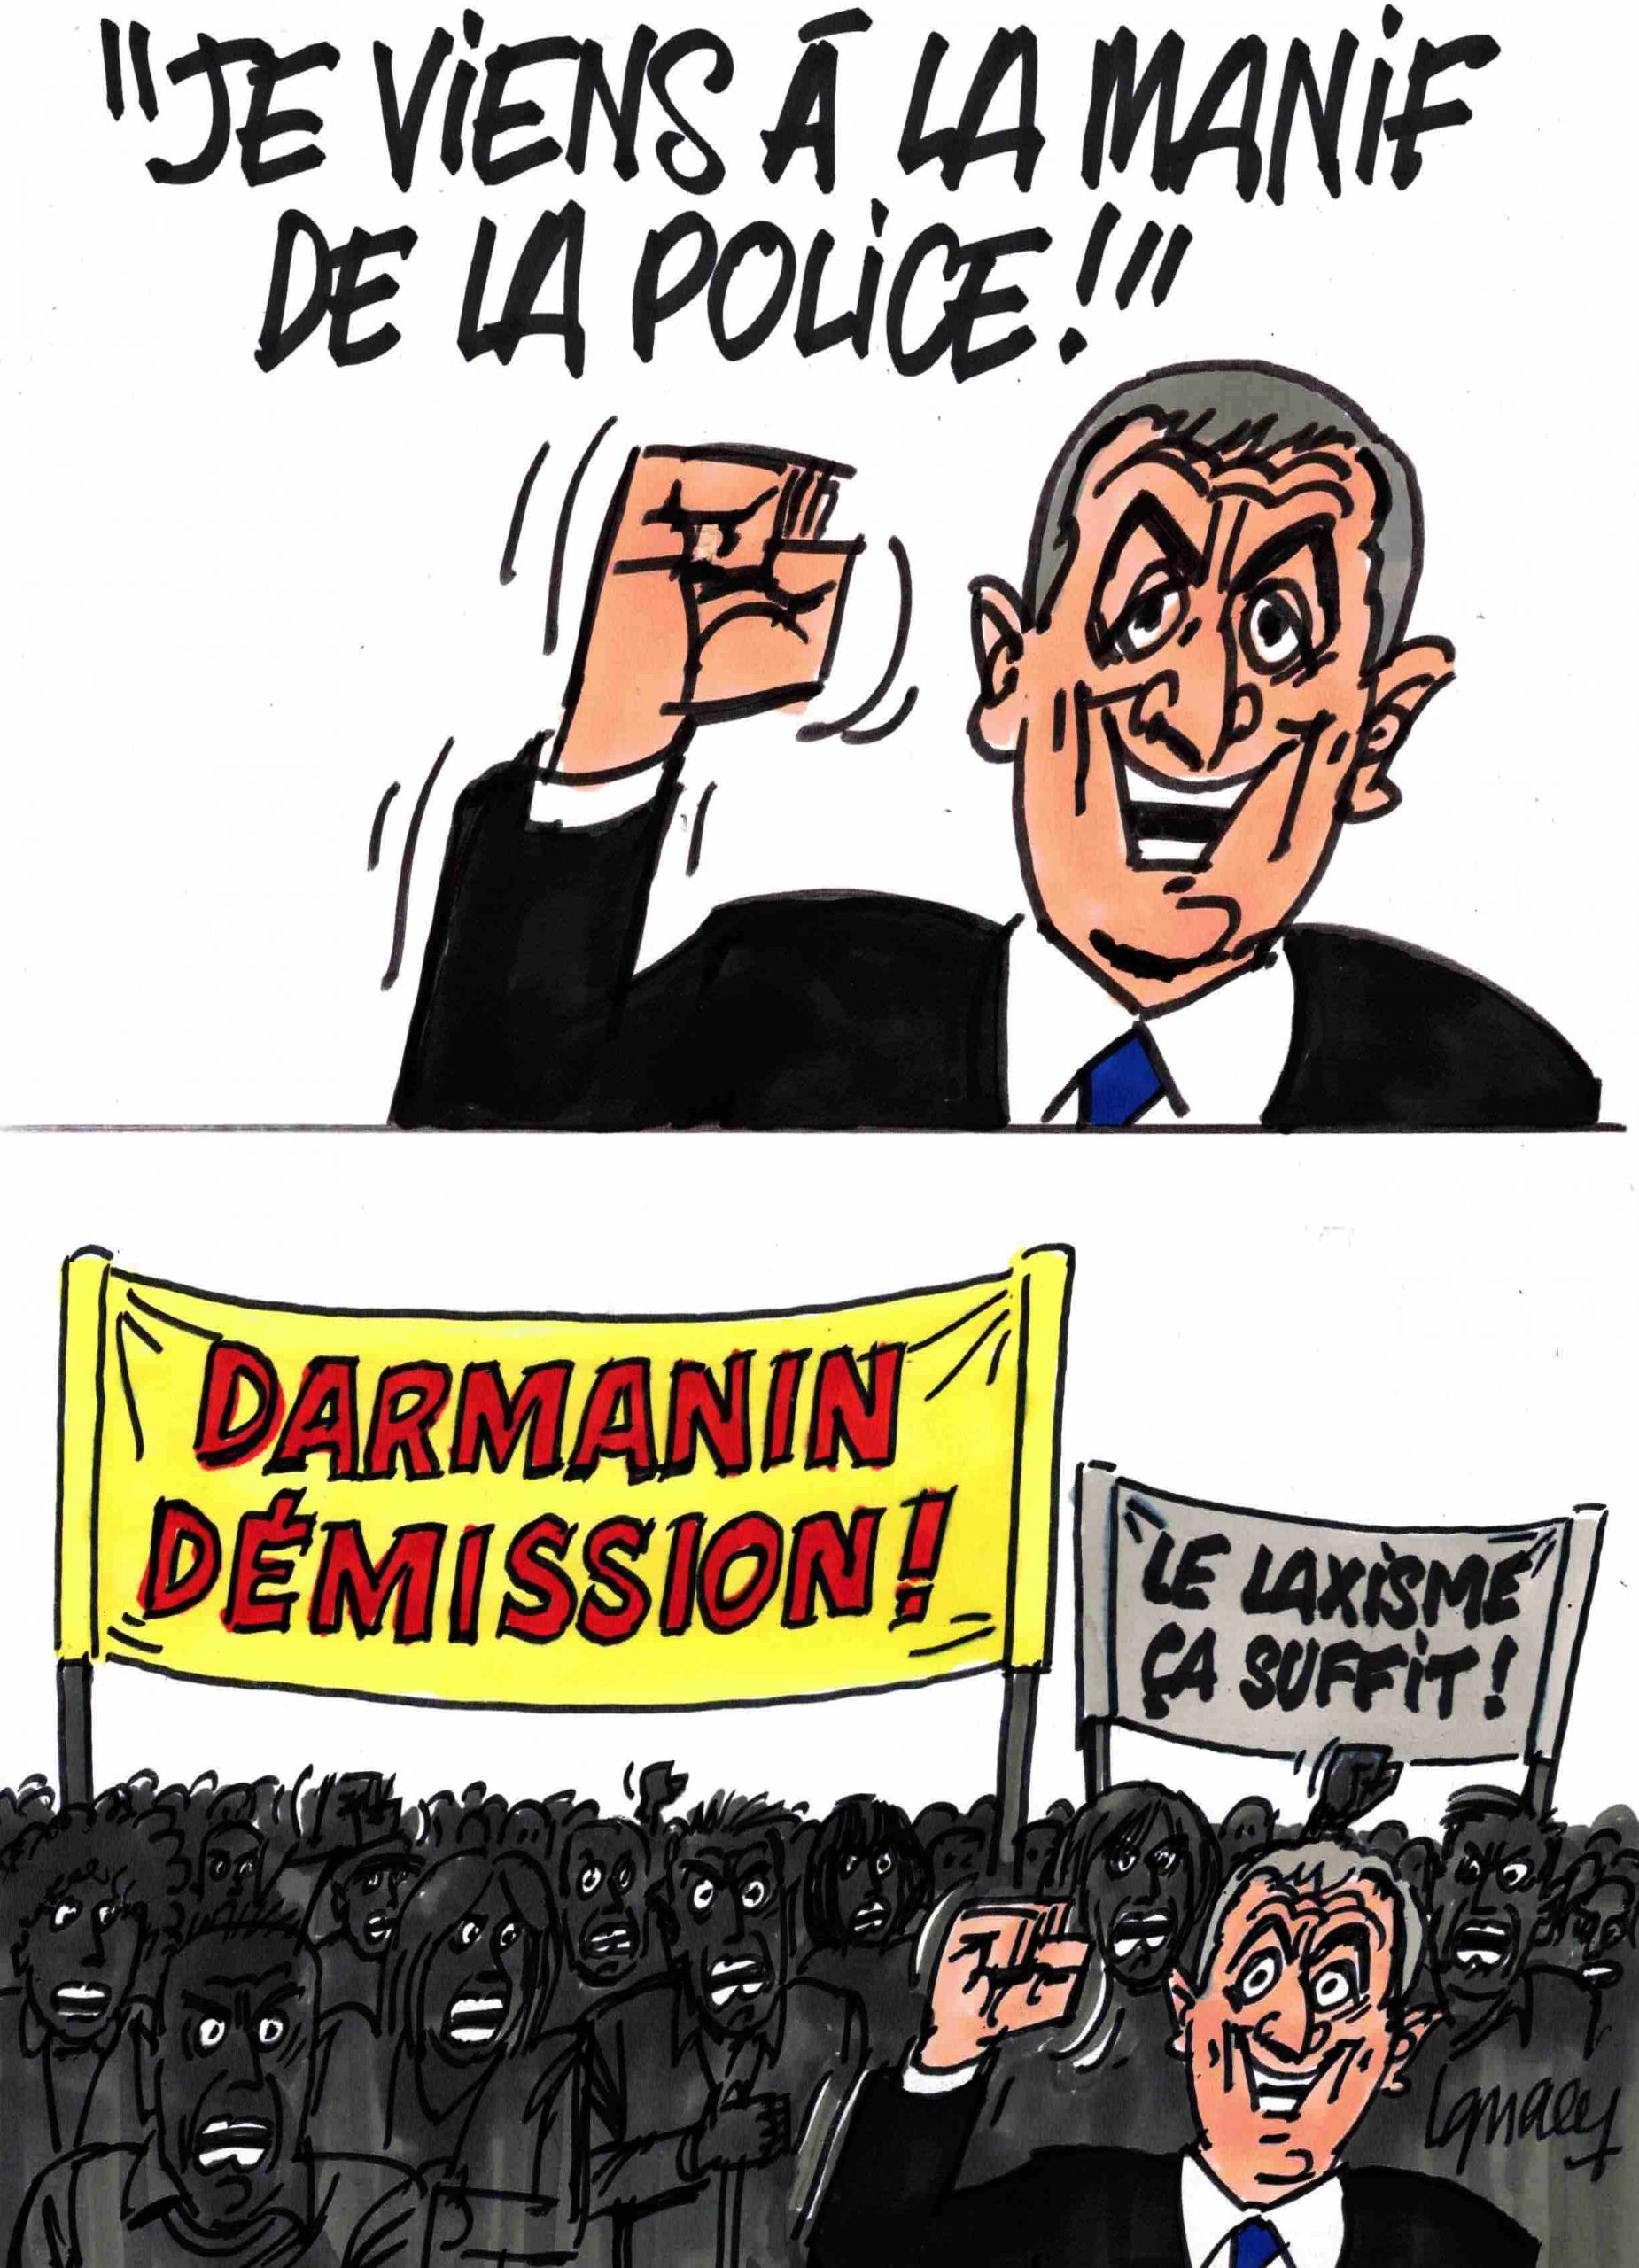 Ignace - Darmanin vient à la manif de la police